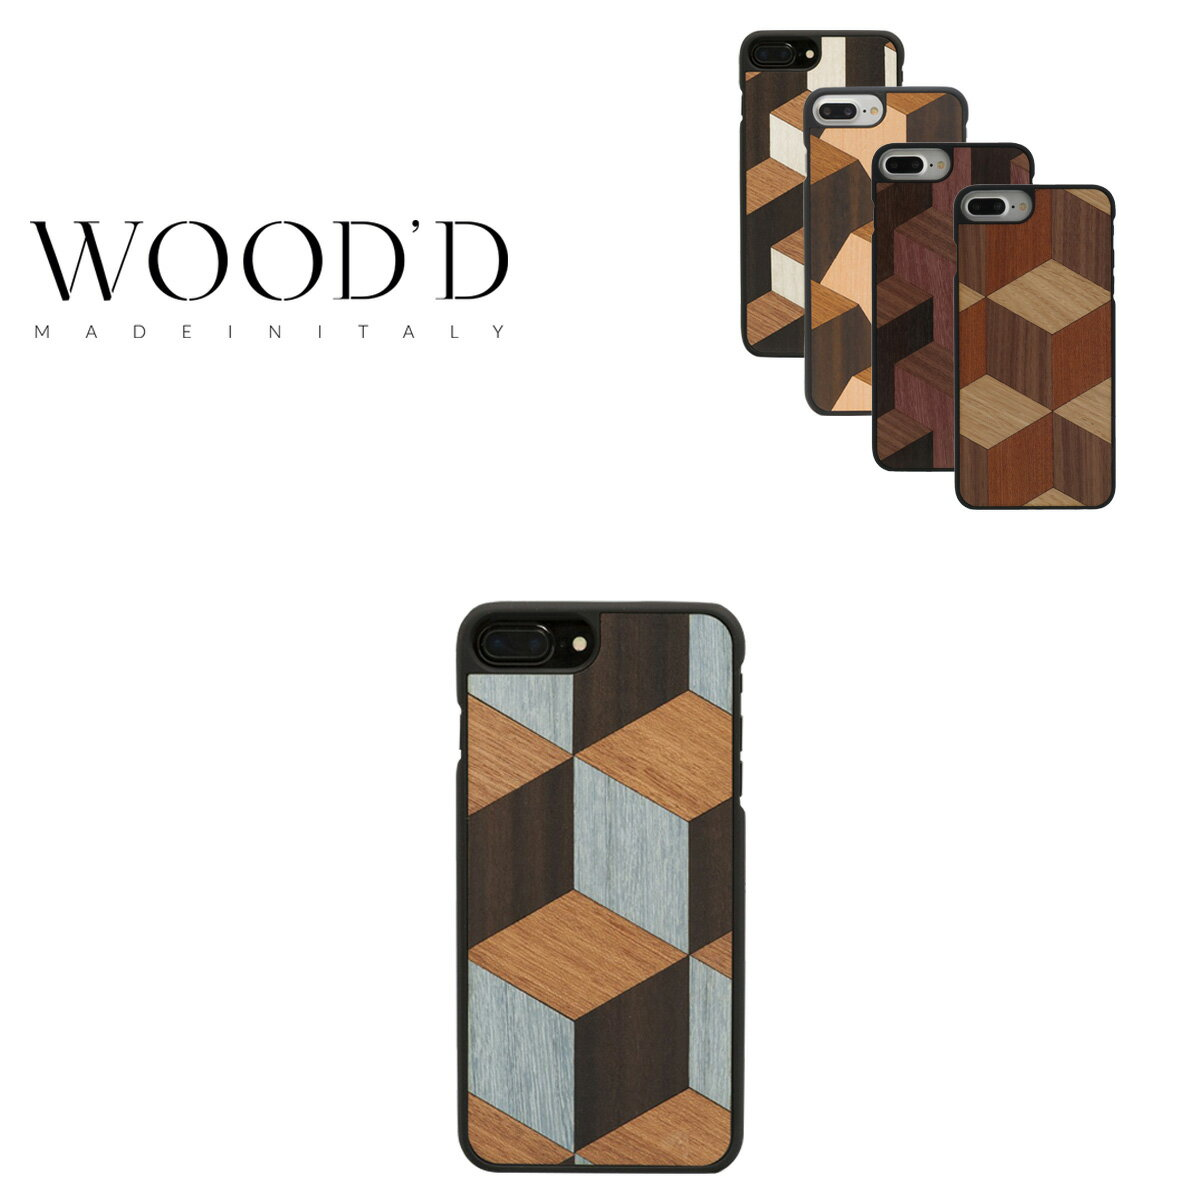 Wood'd iPhone8Plus iPhone7Plus iPhone6Plus ケース レディース メンズ 木製 イタリア製 アイフォン スマホケース スマートフォン カバー ハンドメイド Real wood Snap-on covers GEOMETRIC ウッド 【PO10】【bef】【即日発送】